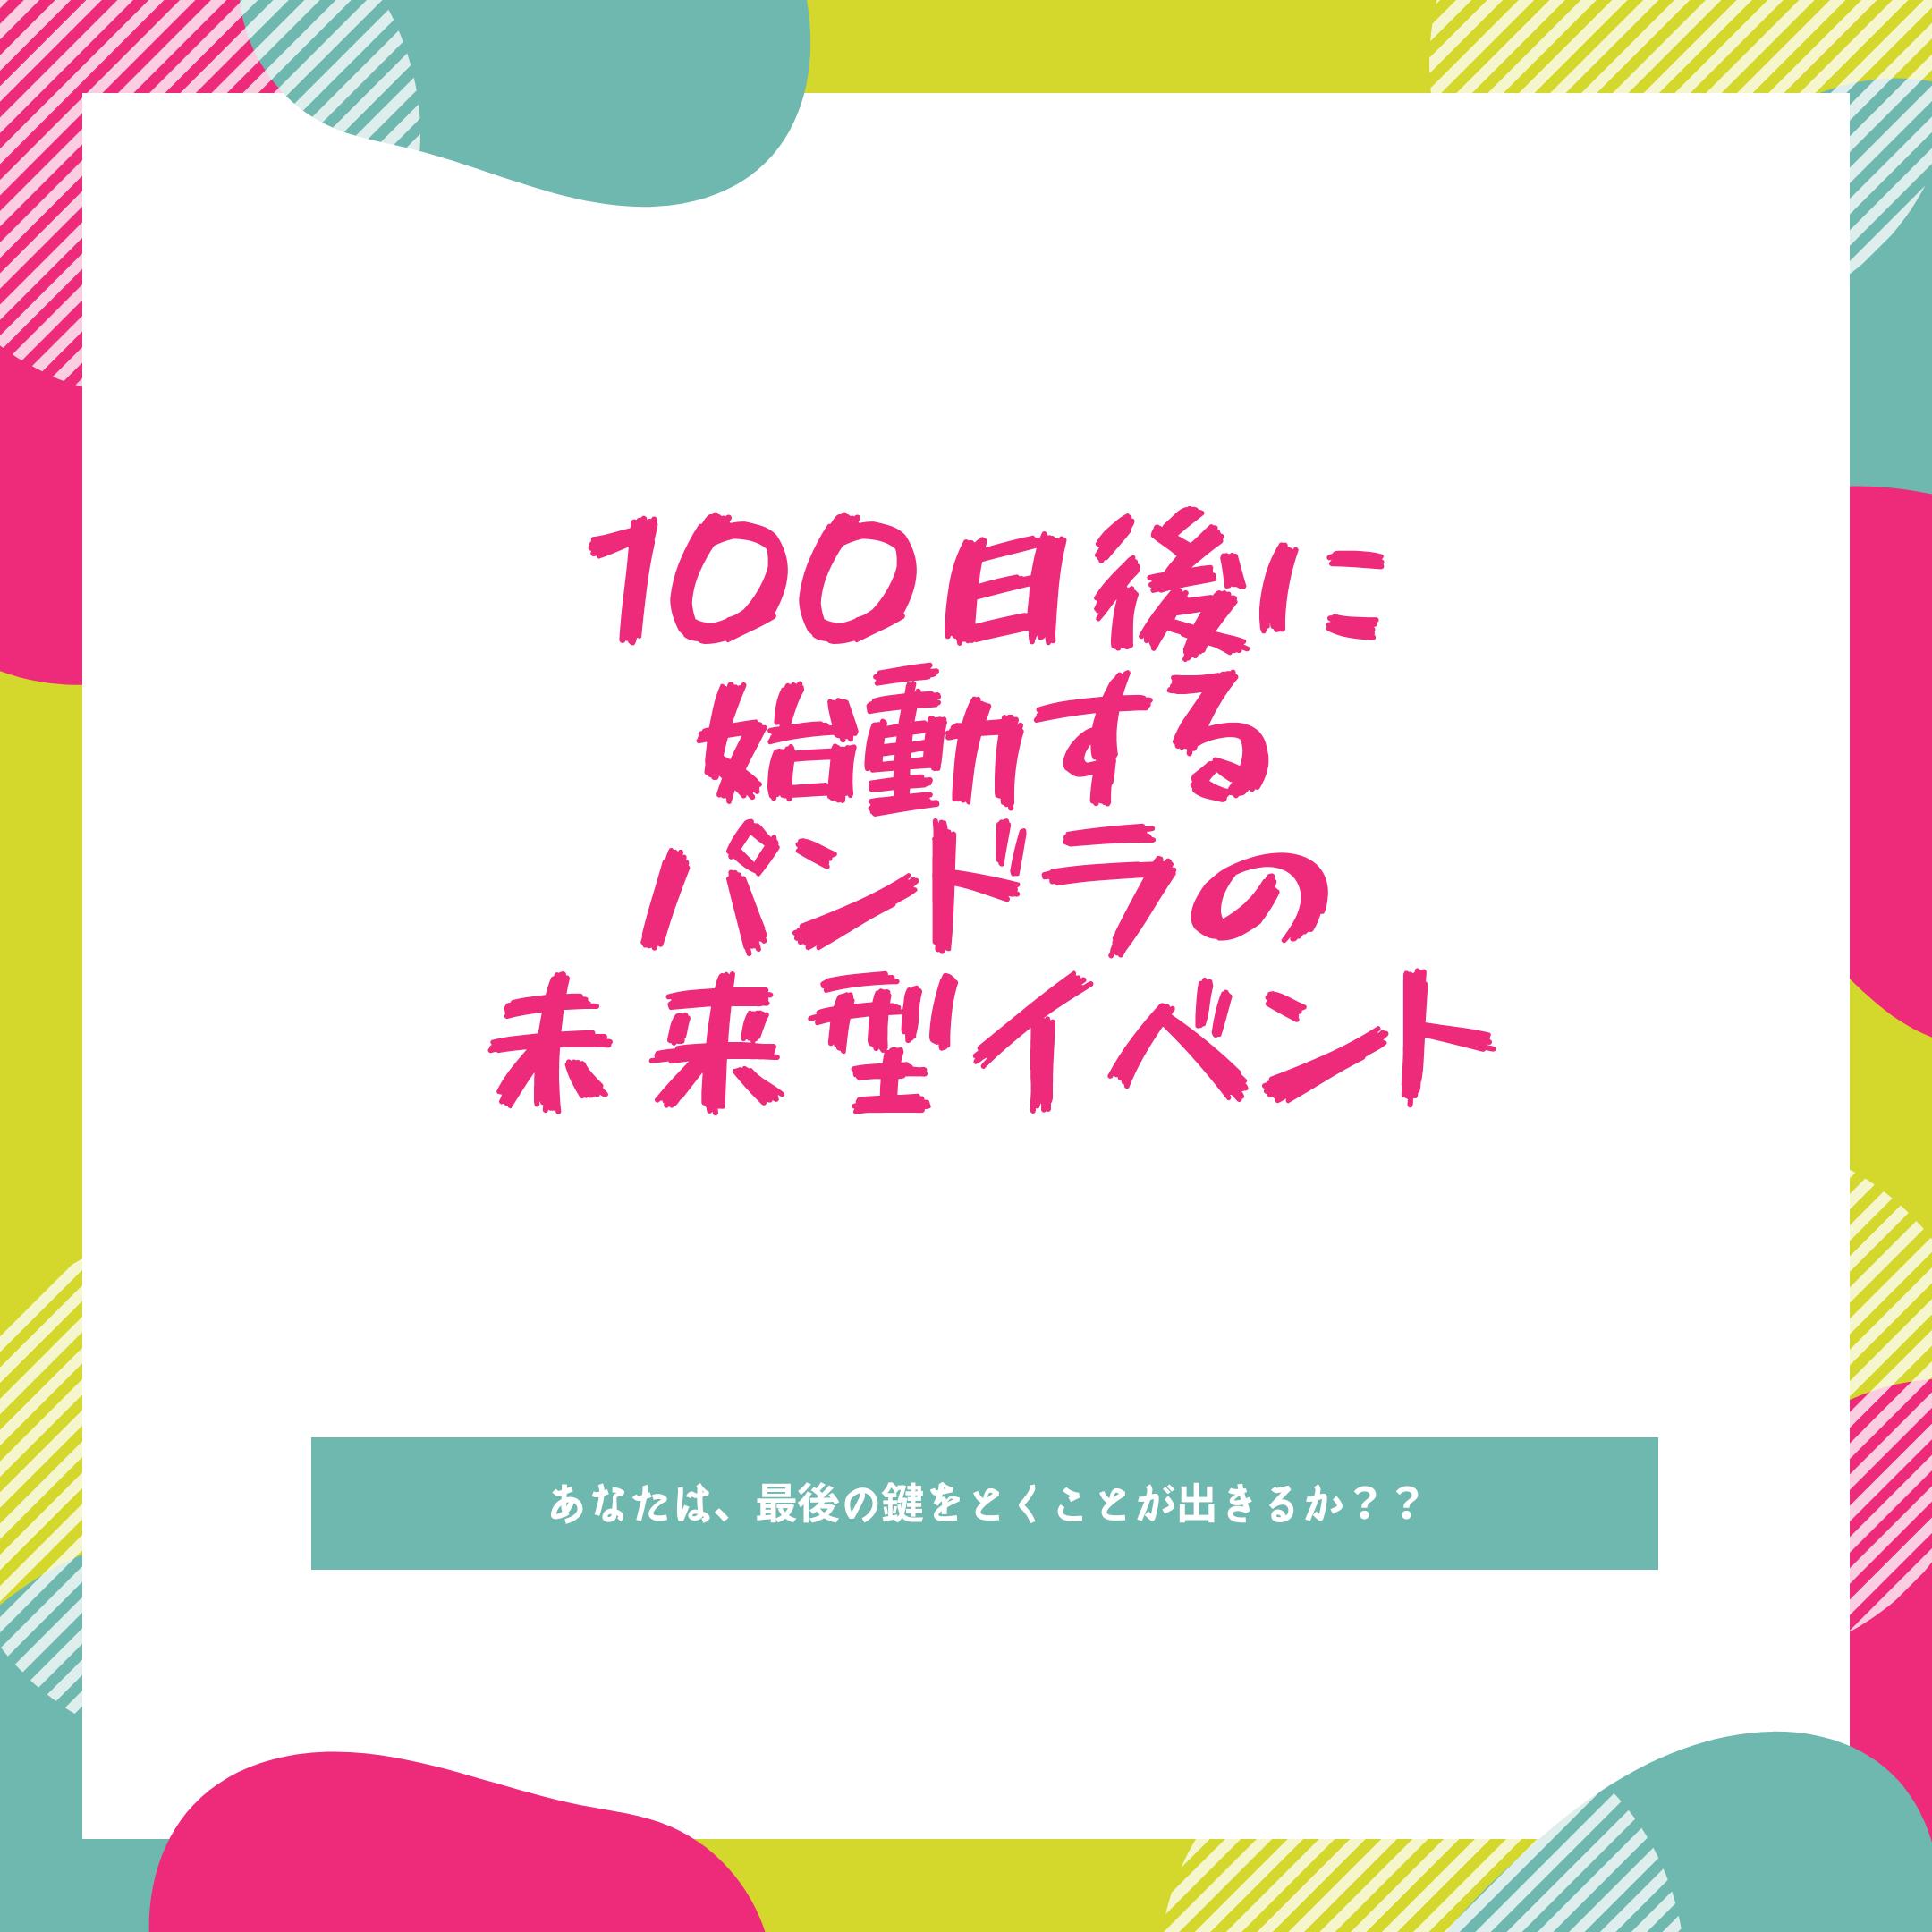 オンラインイベント100日ミッション